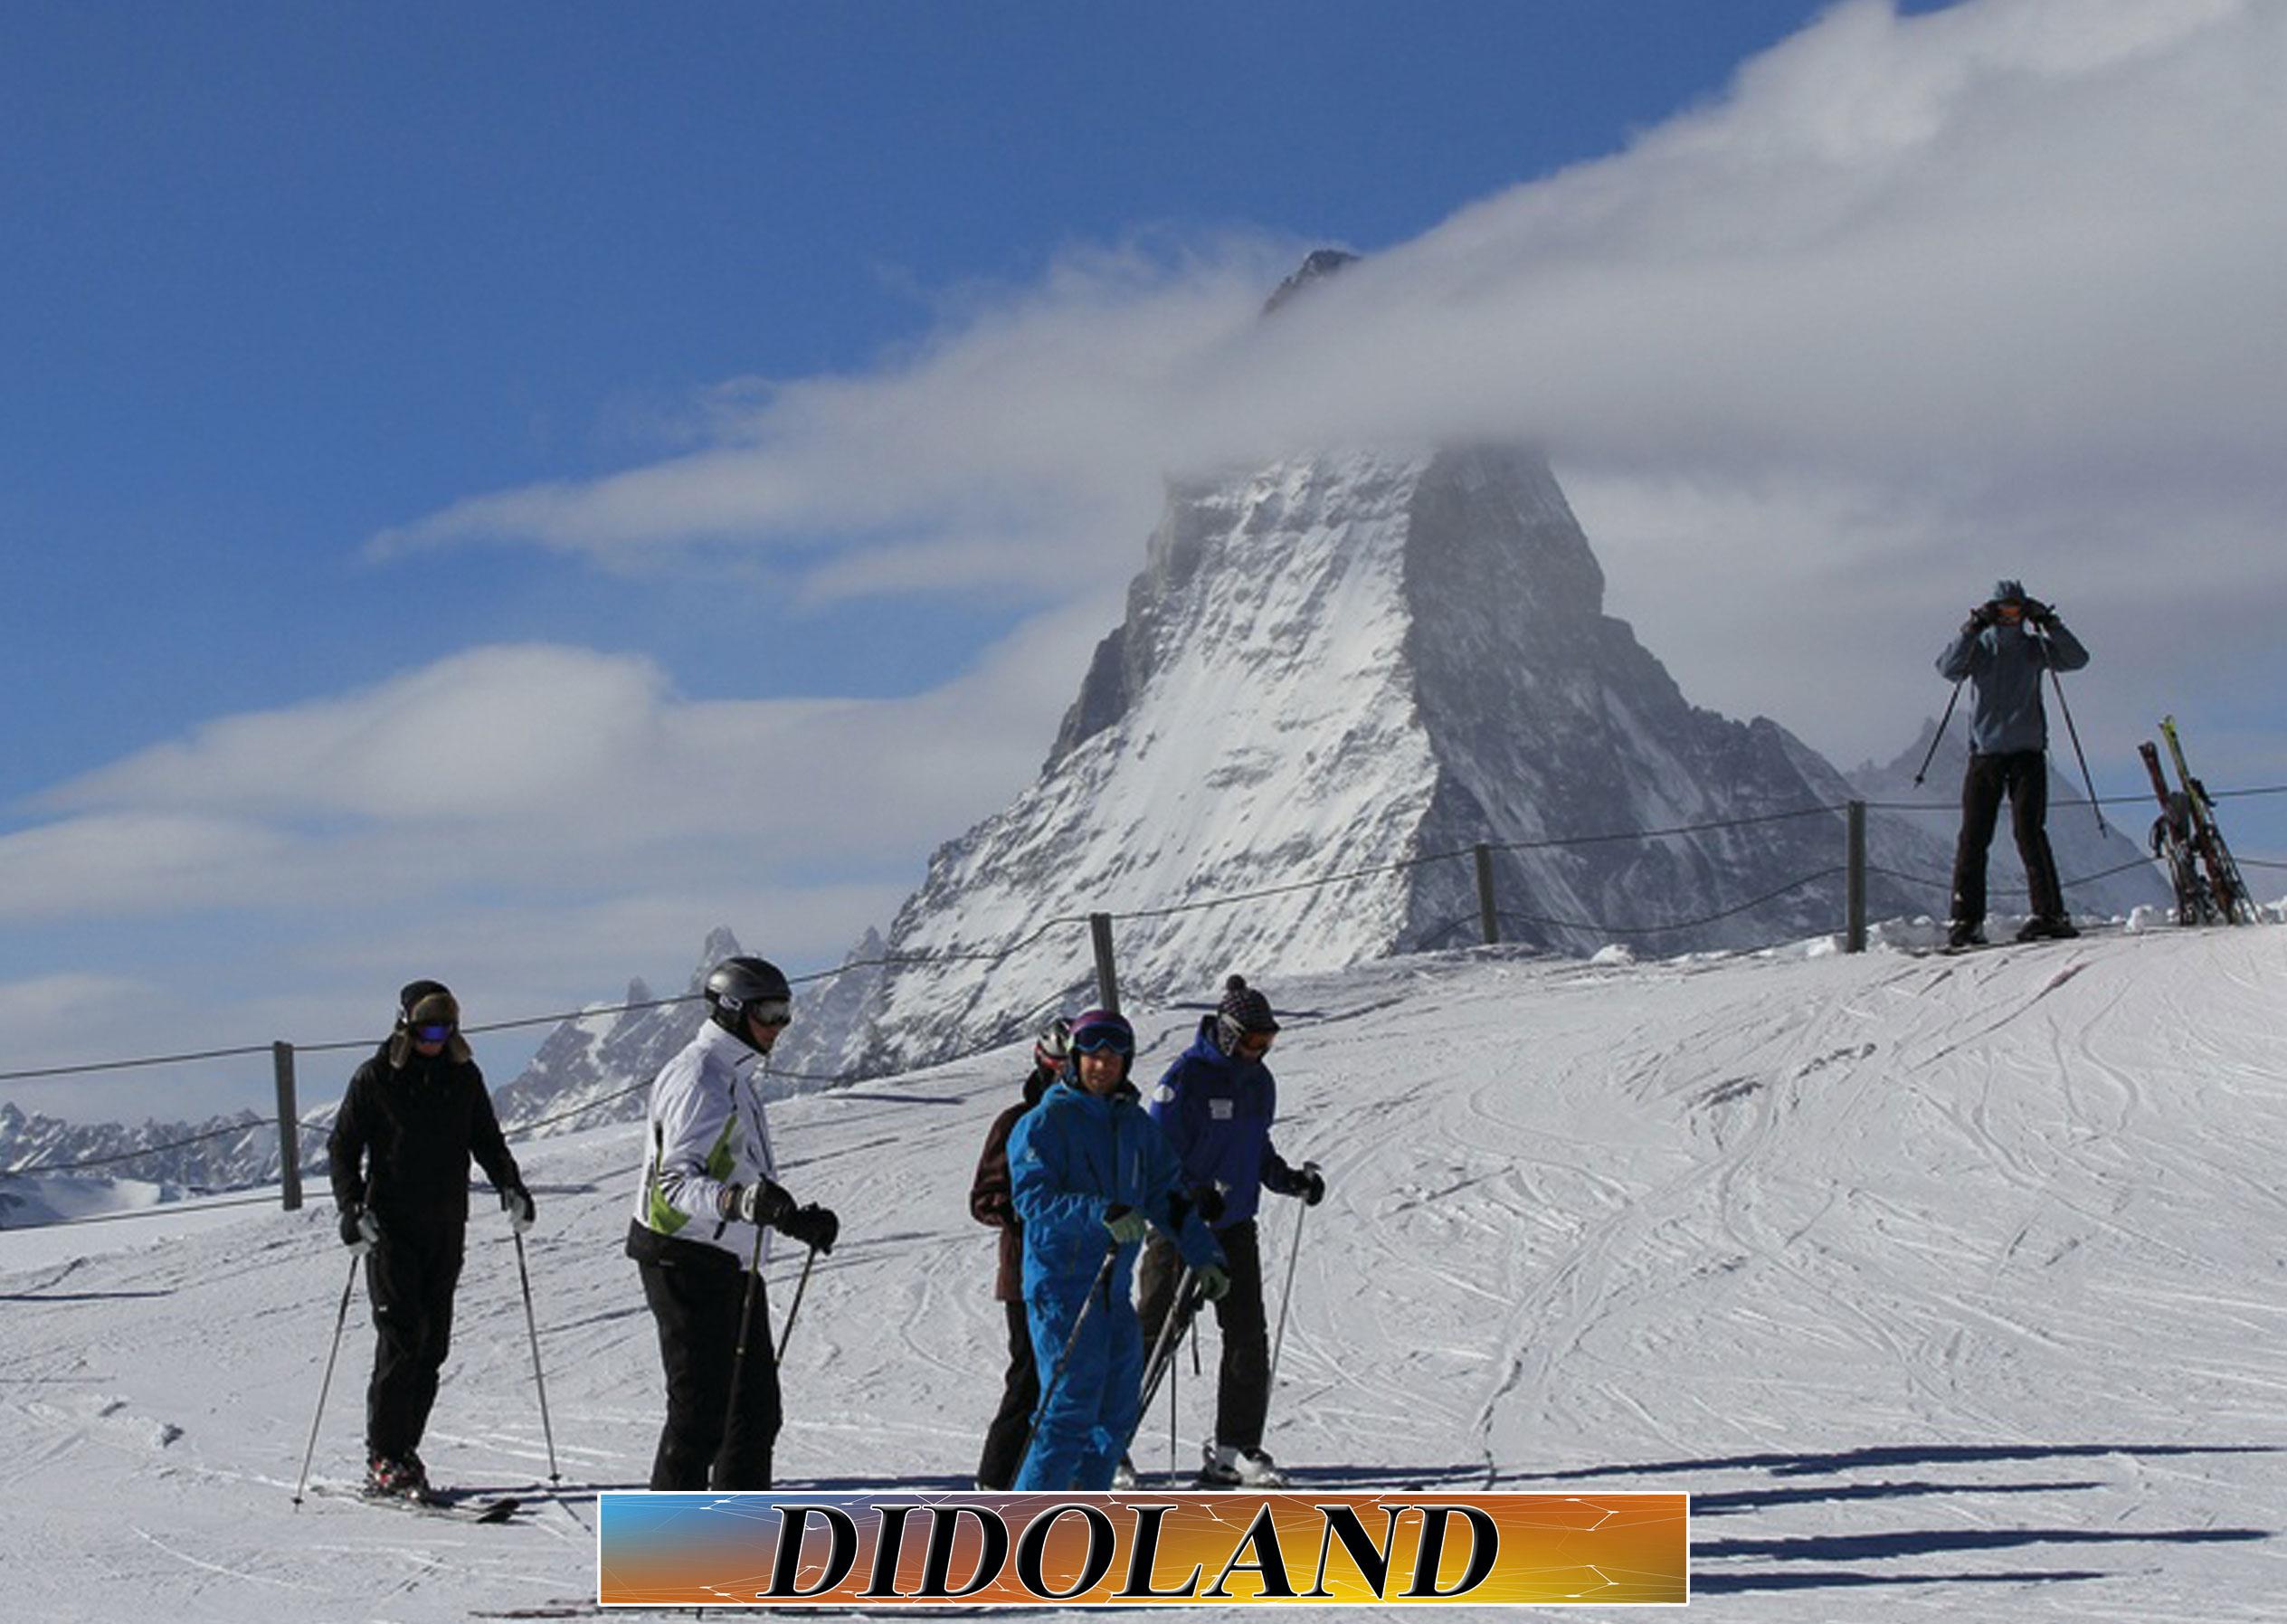 Skibroeken voor dames vind je bij Didoland.